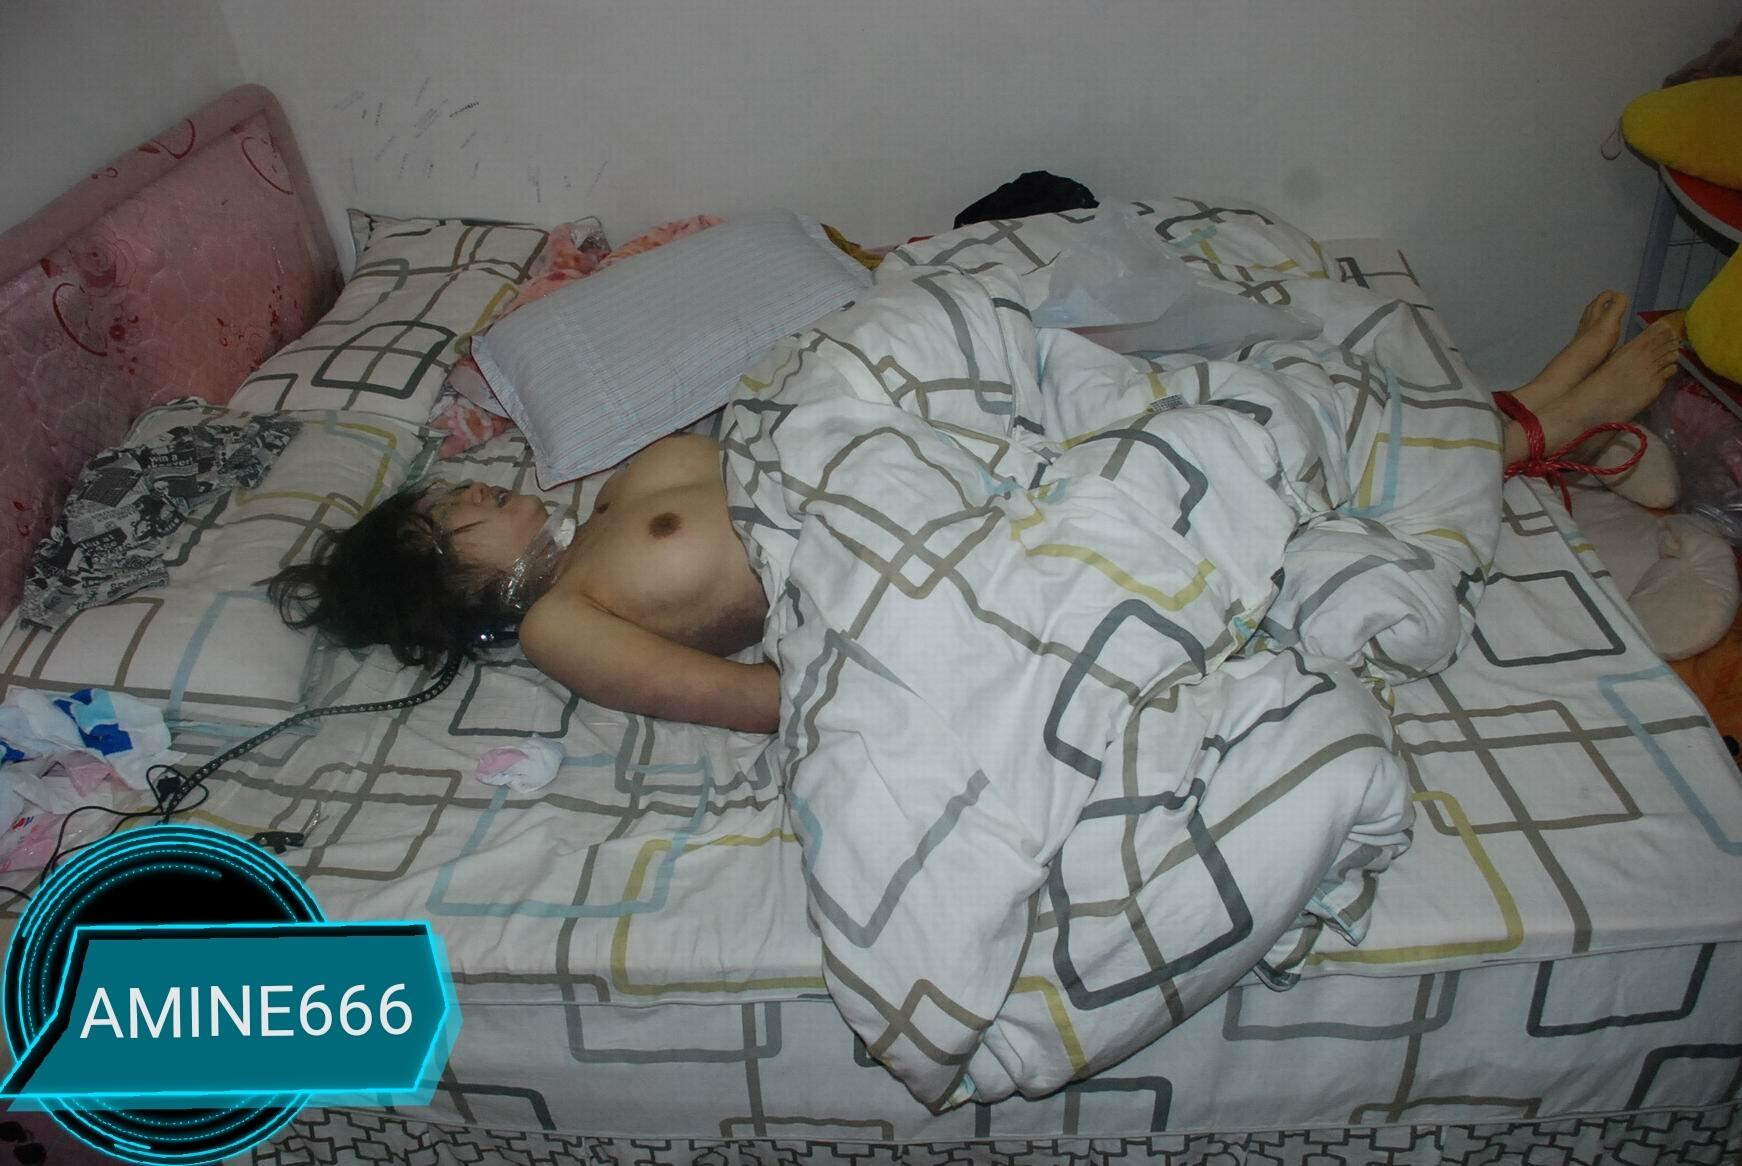 【レイプ殺人】中国でレイプされ絞殺された女性、なんで画像が出回るんだ・・・・・(画像)・2枚目